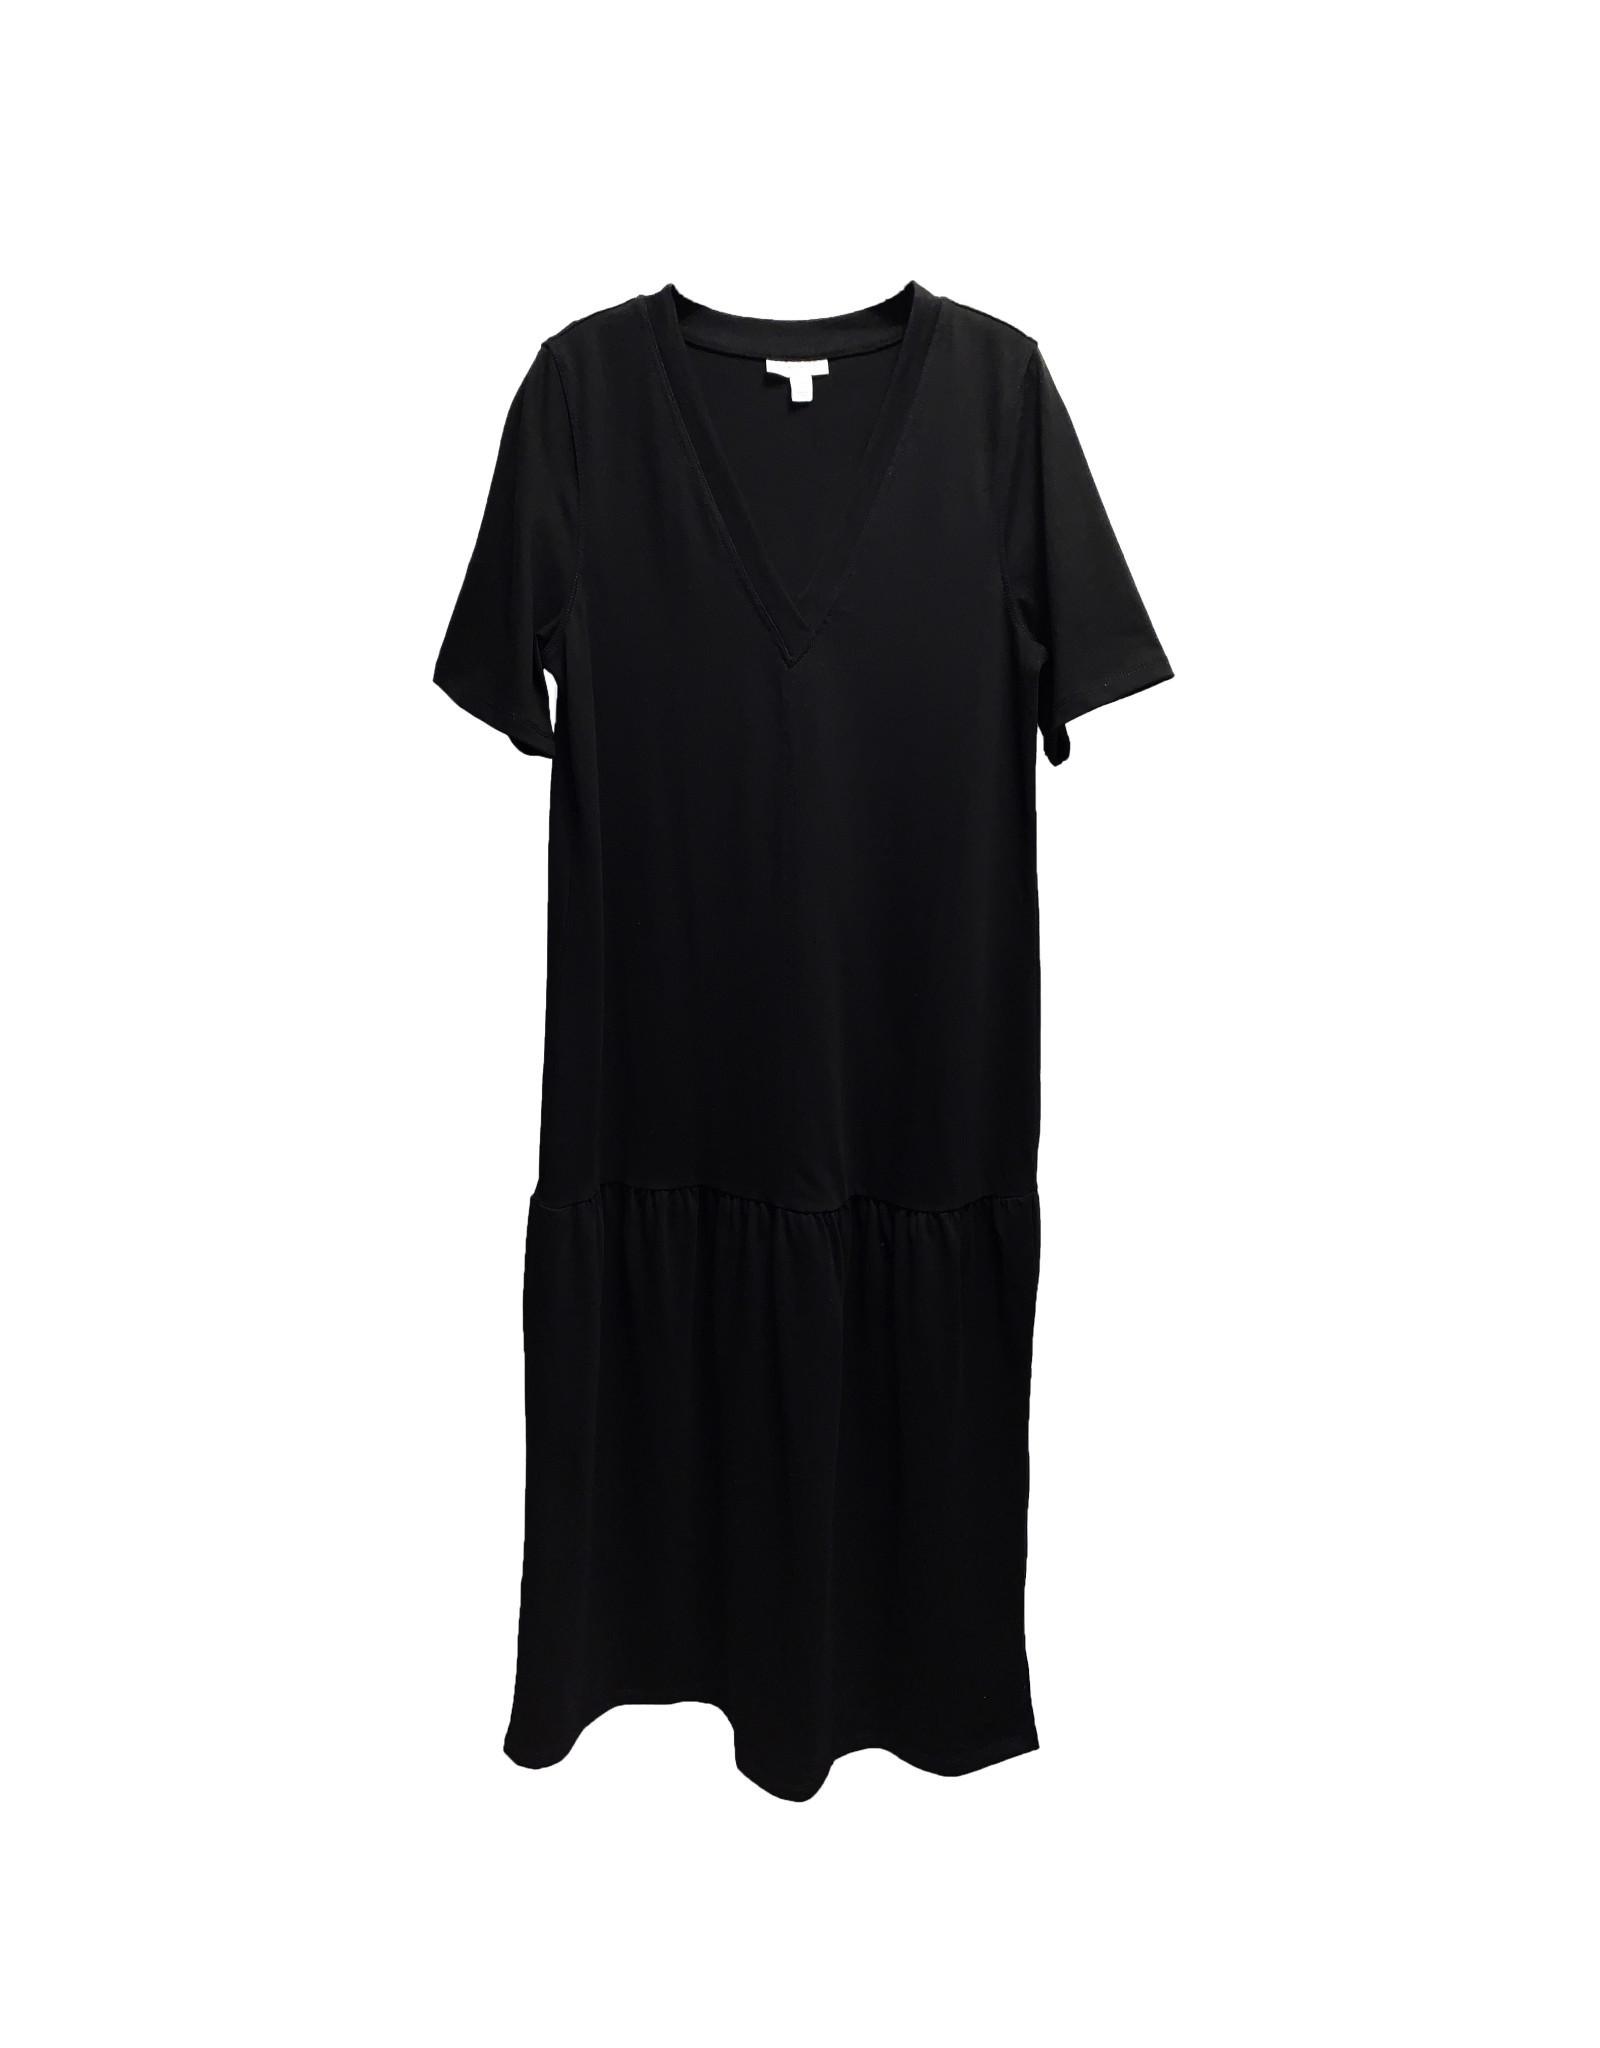 TOPSHOP TOPSHOP Black Dress